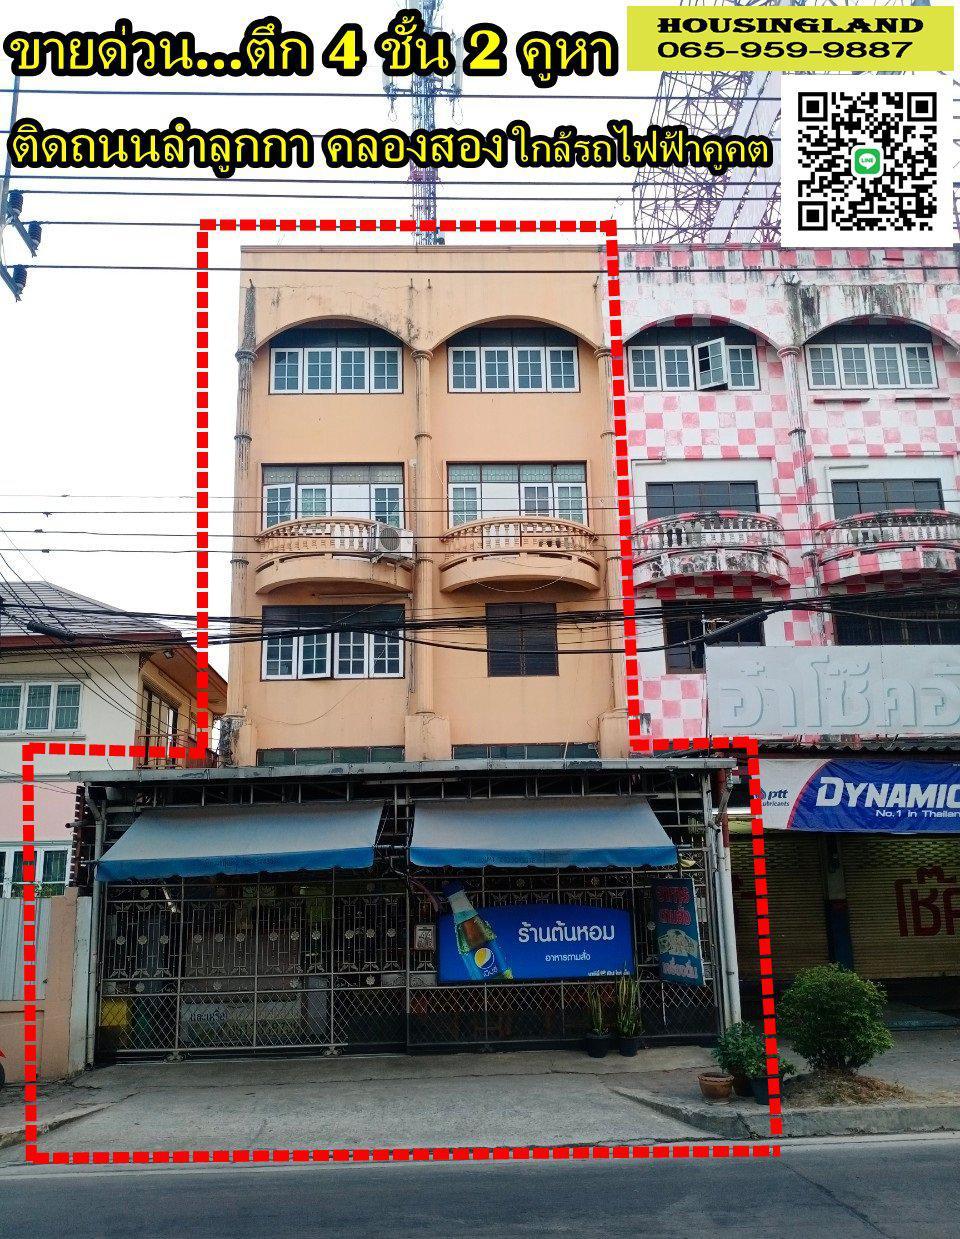 ขายตึกแถว 4 ชั้น 2 คูหา ติดถนนลำลูกกา คลอง2 ตรงข้ามร้านสุกี้ตี๋น้อย  รูปที่ 6